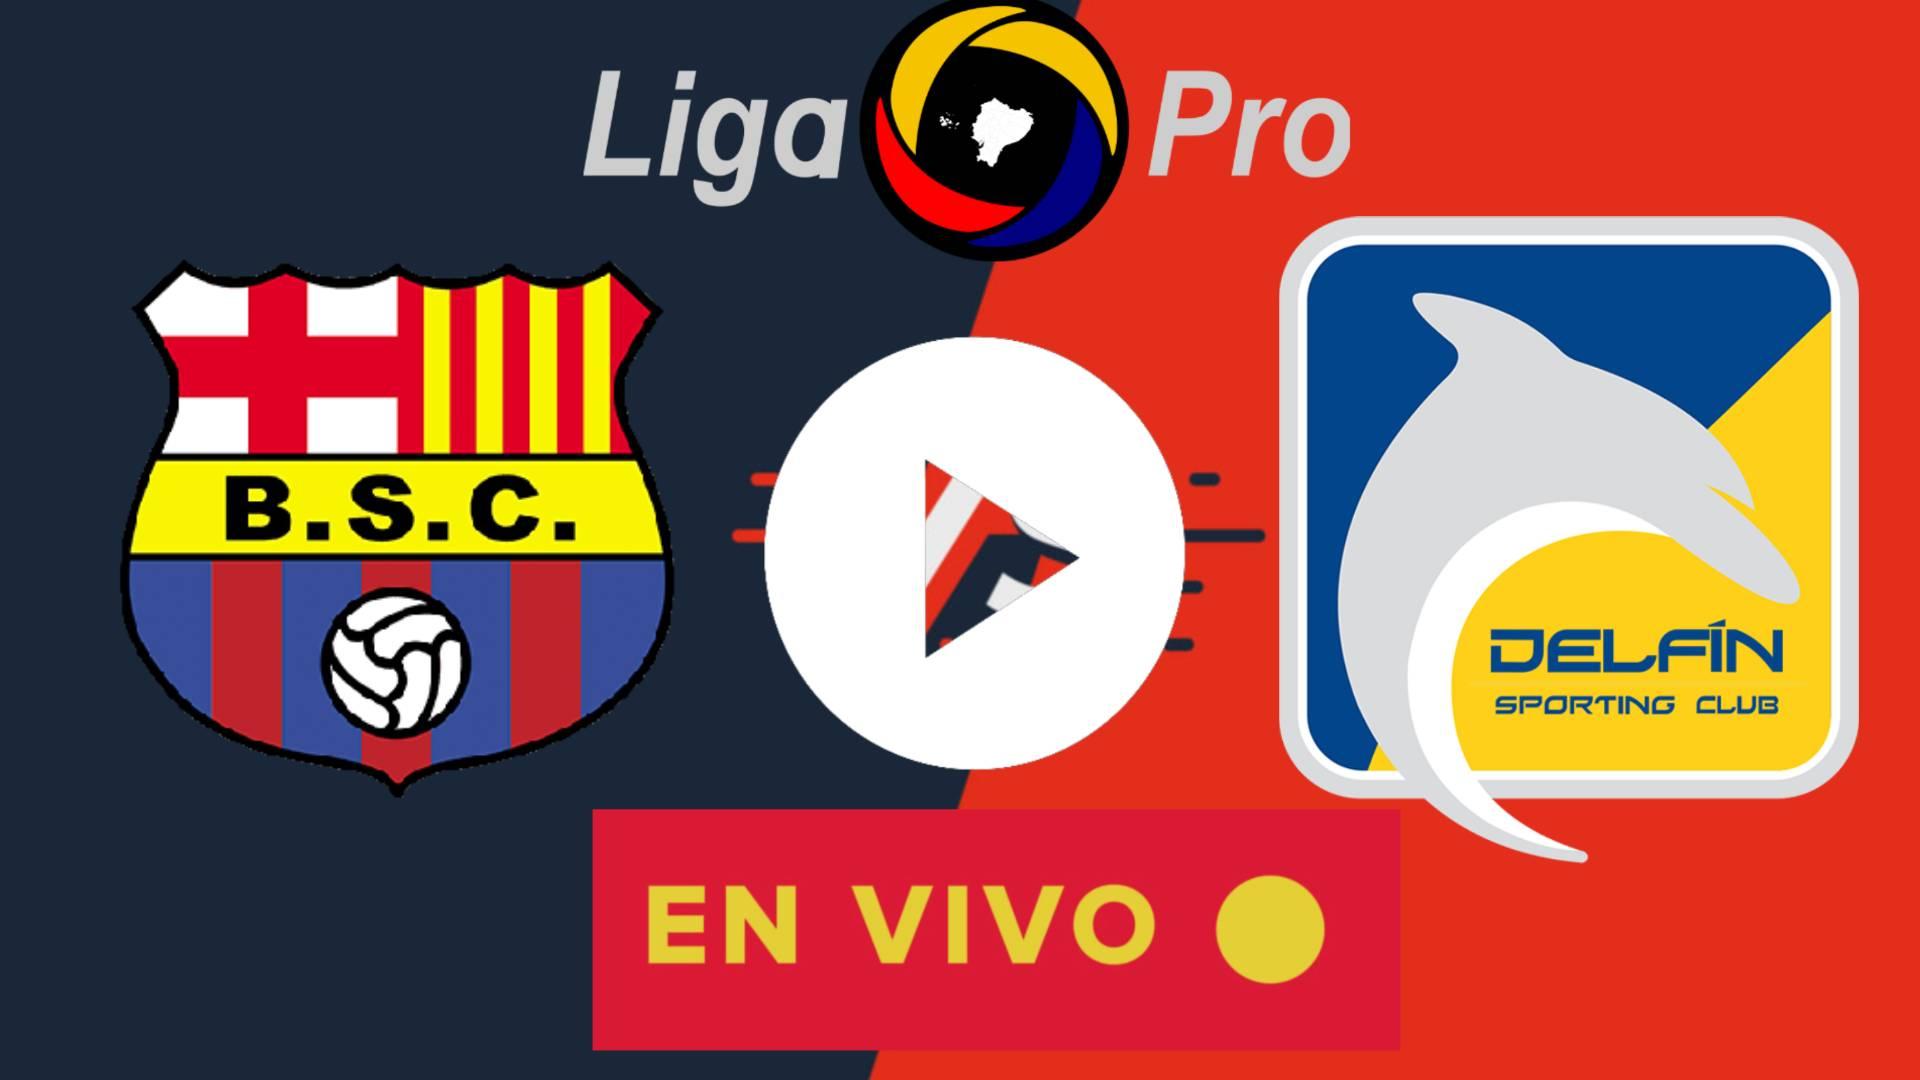 LIGA PRO 2020 | EN VIVO Barcelona SC vs. Delfín